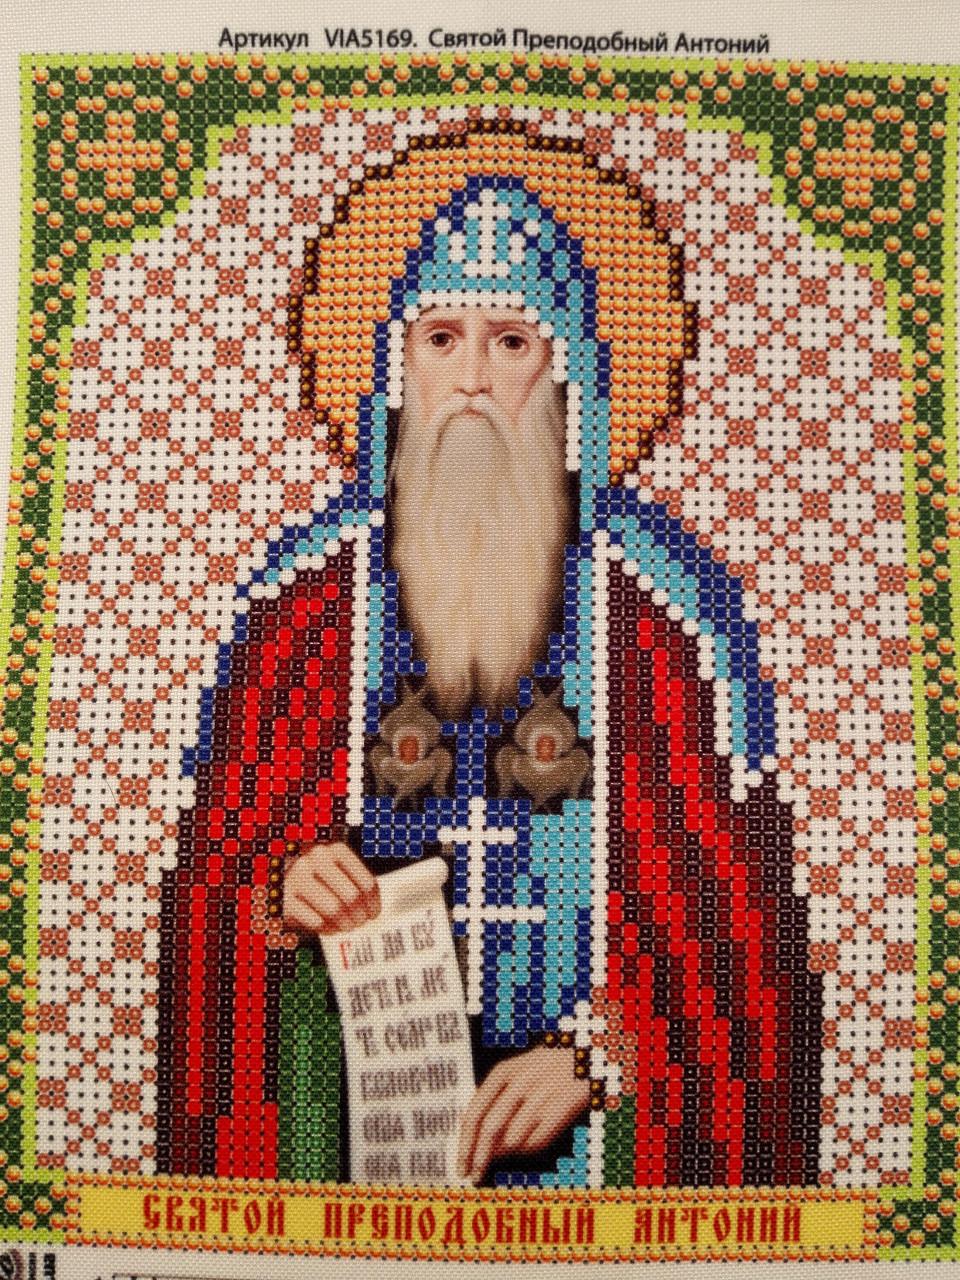 Набор для вышивки бисером икона Святой Преподобный Антоний VIA 5169